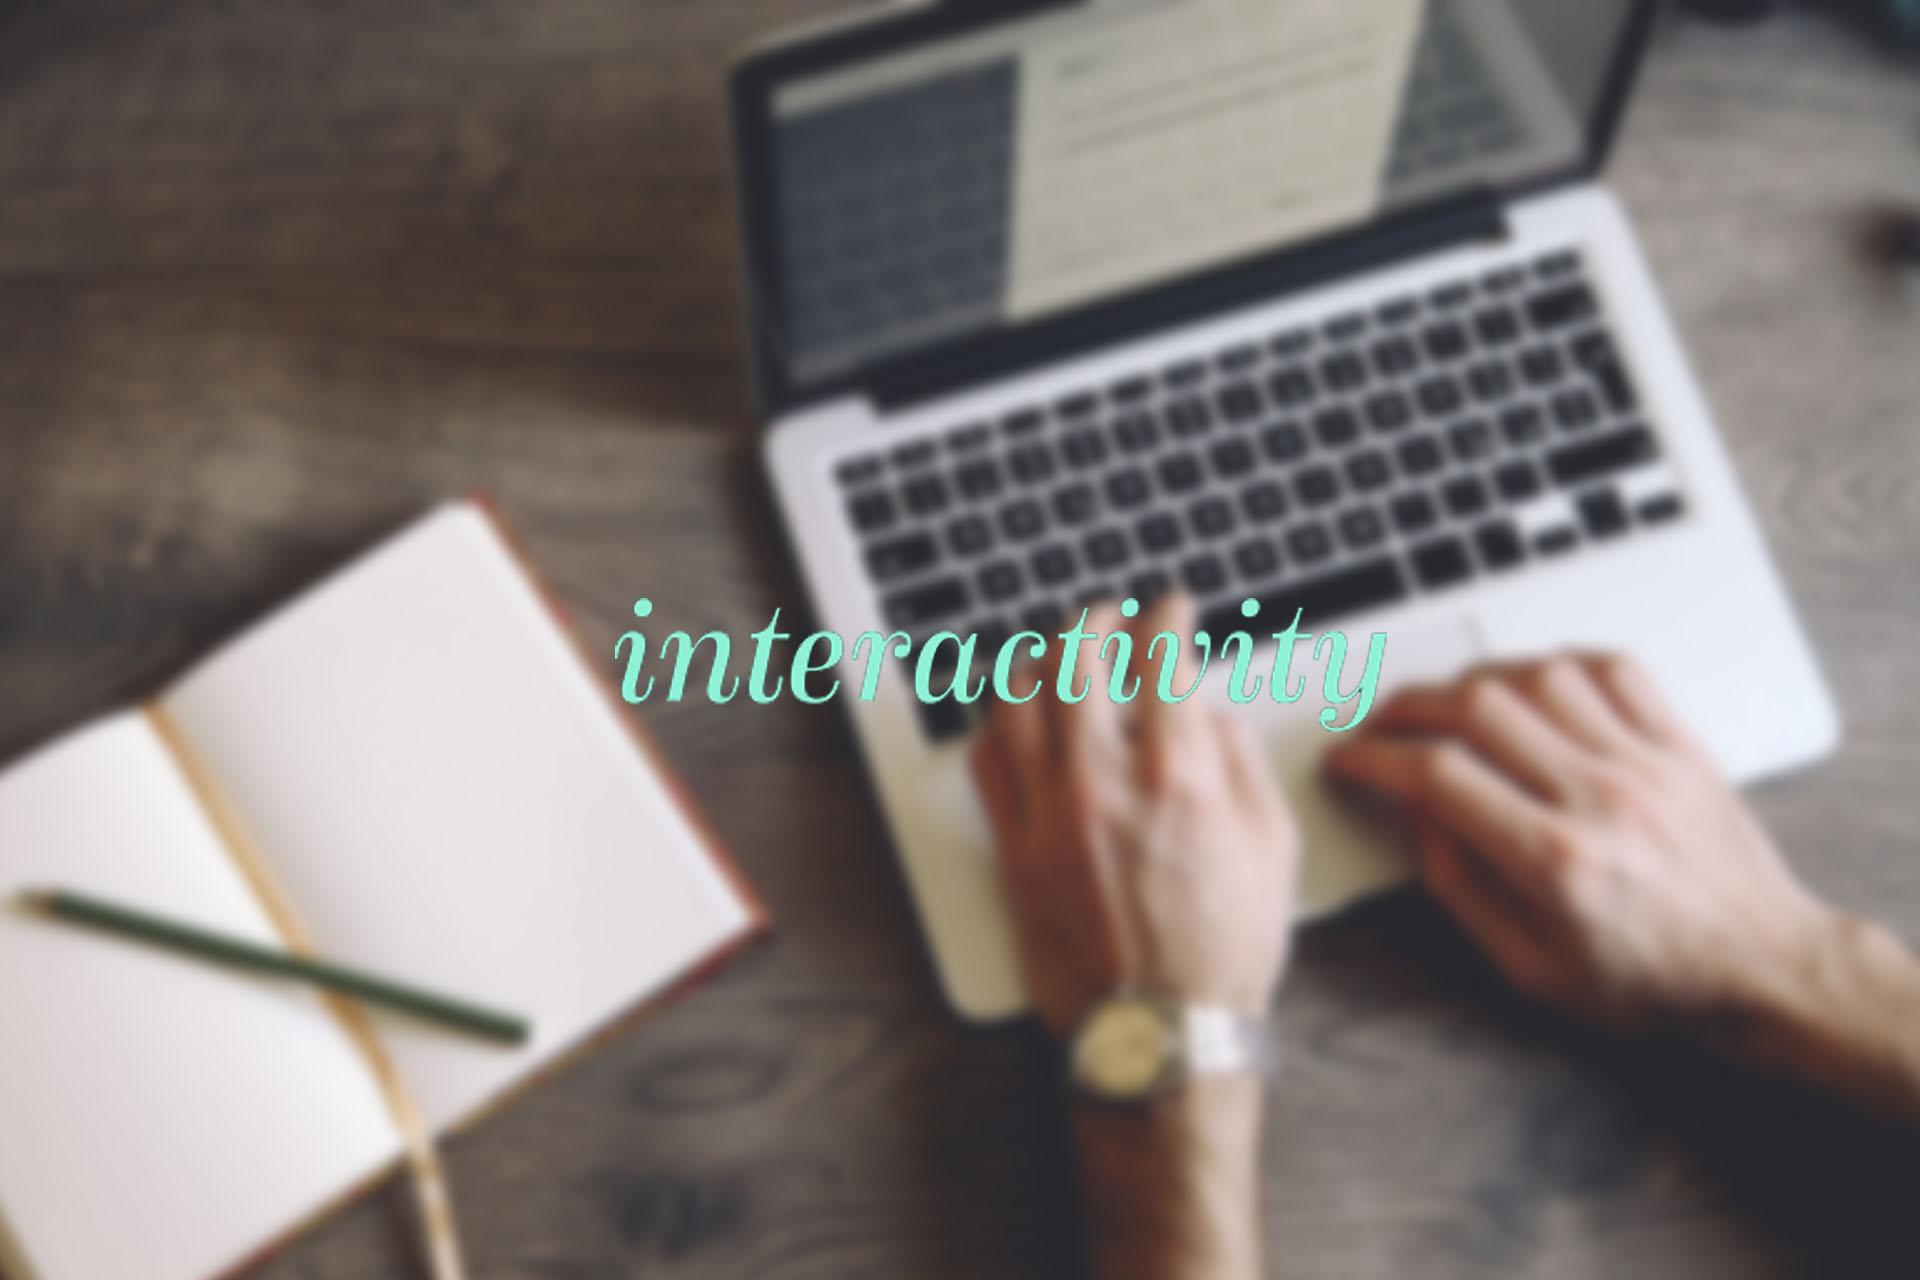 Esto fue LO MEJOR DEL 2017 en el Blog de Interactivity